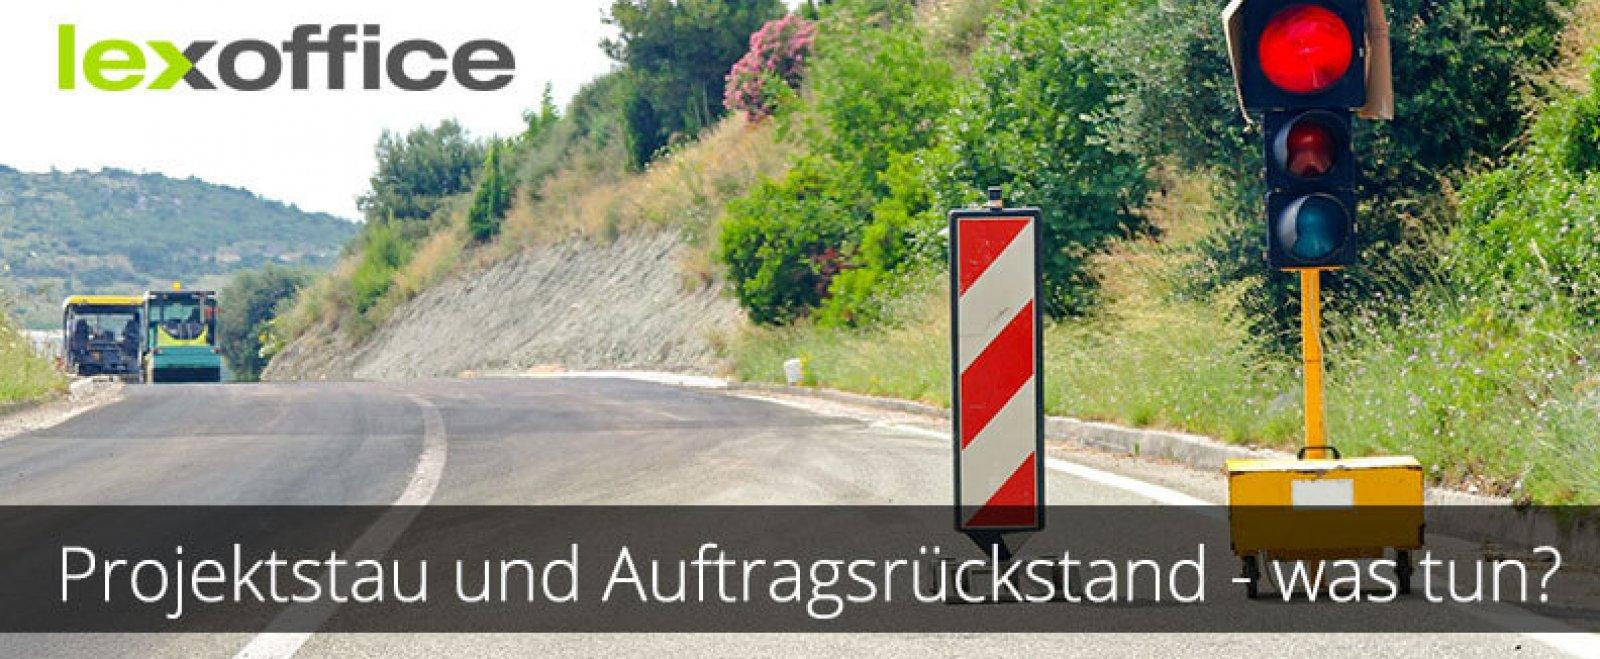 Praxistipps: Projektstau und Auftragsrückstand - was tun?